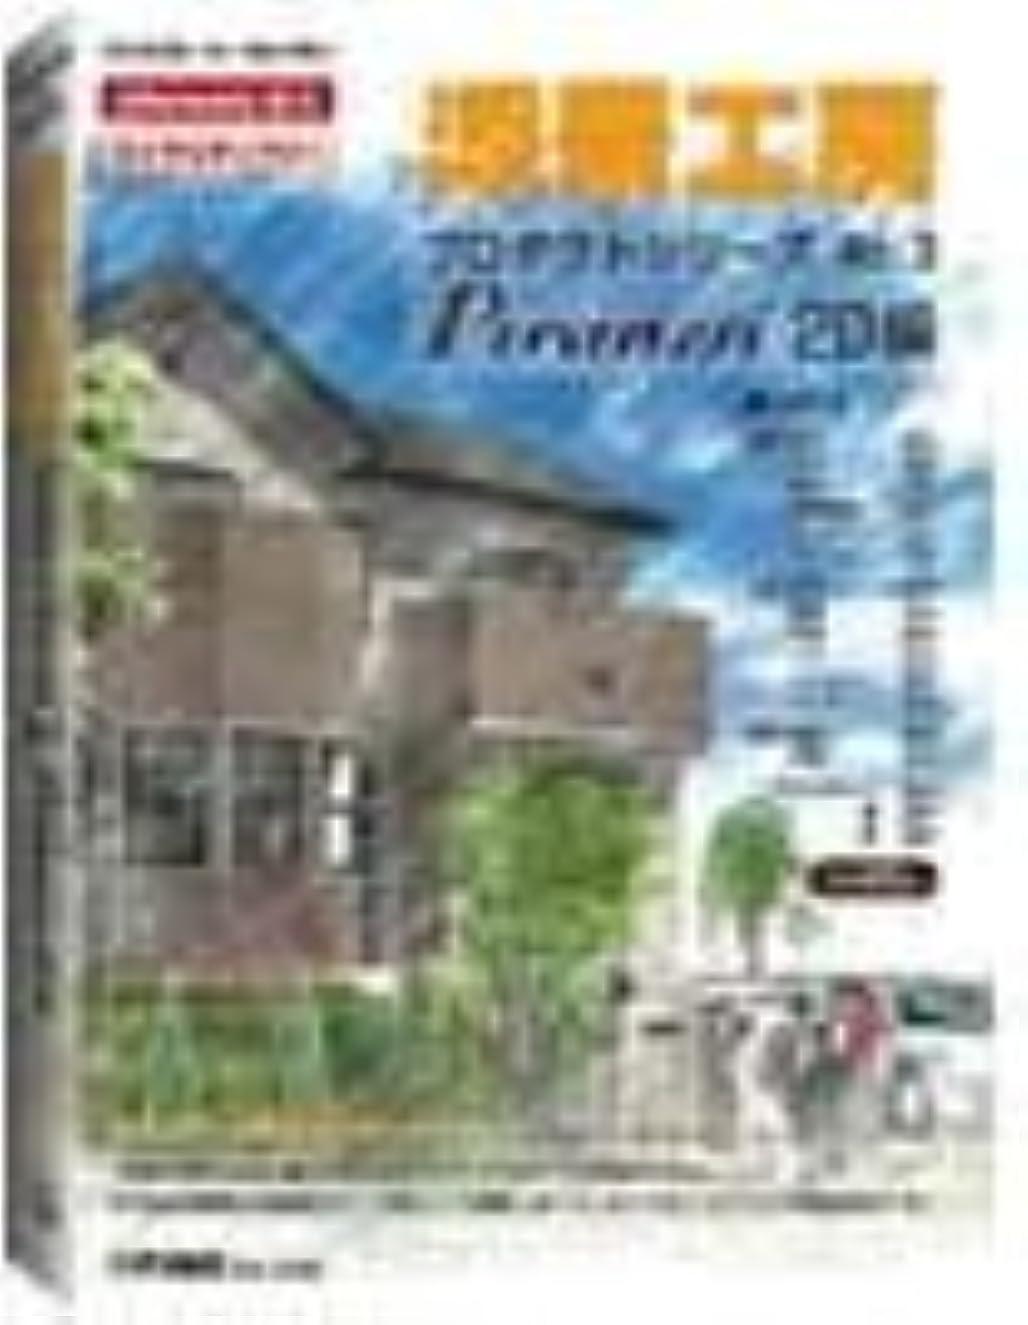 中庭退屈な見出し添景工房プロダクトシリーズ No.3 Piranesi 2D編